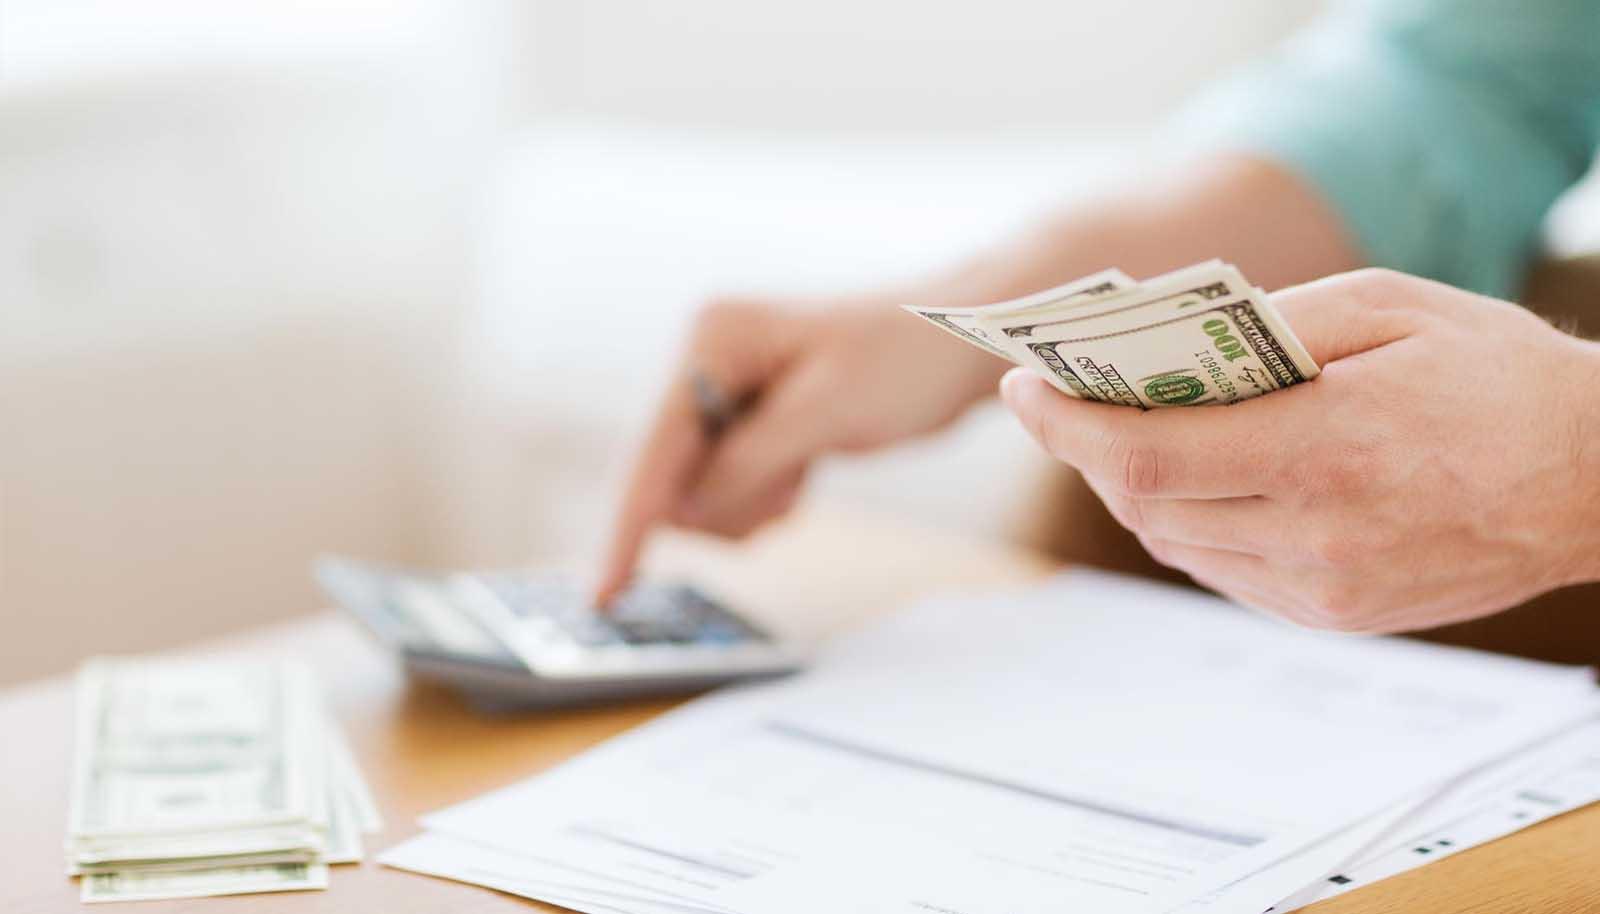 Fideiussione bancaria costo Malatesta - La soluzione migliore, rispetto a quella bancaria e a quella di istituti finanziari.